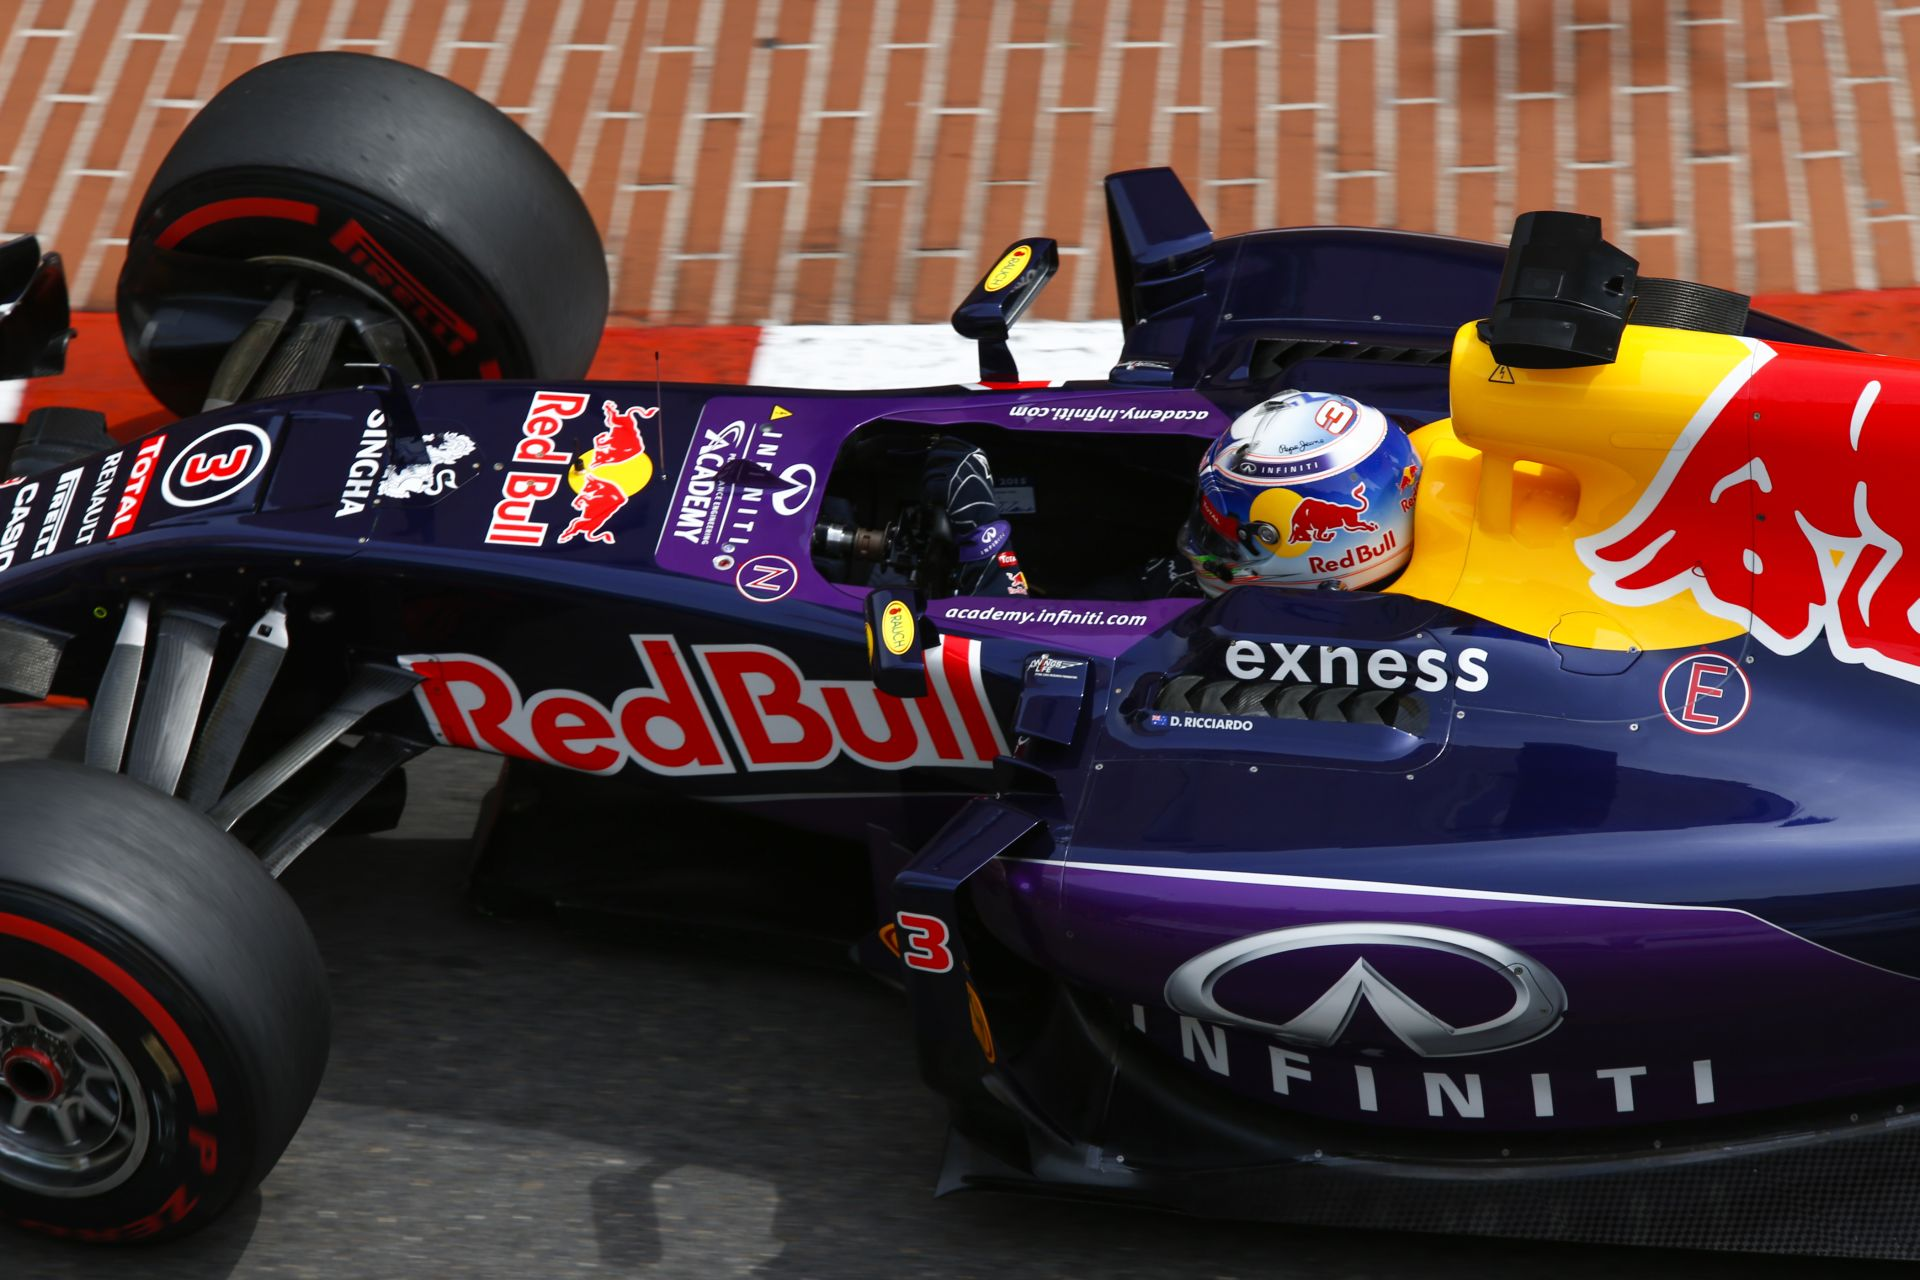 Valami beindult a Red Bullnál, vagy ez csak Monaco volt?